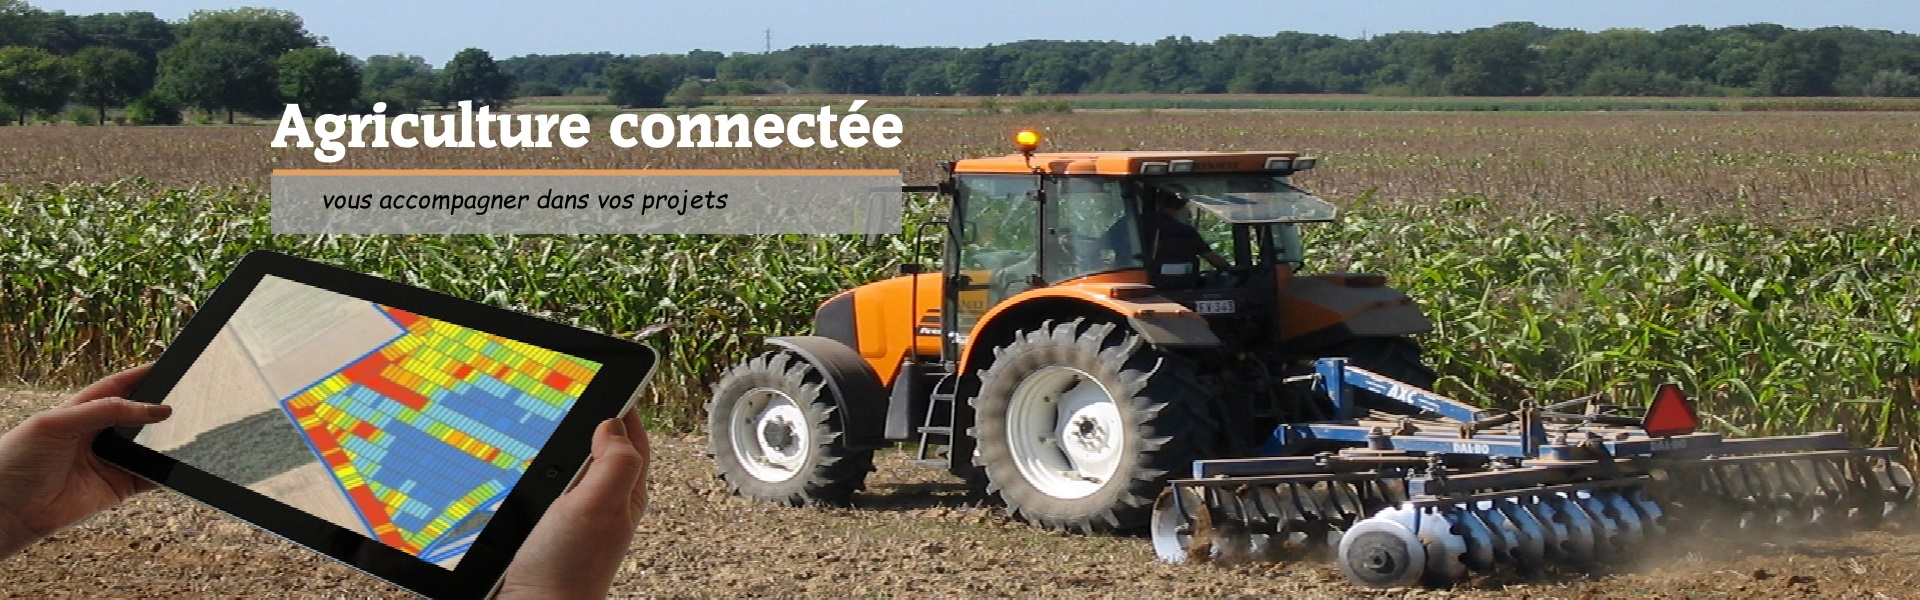 les outils technologiques au service de l'agriculture